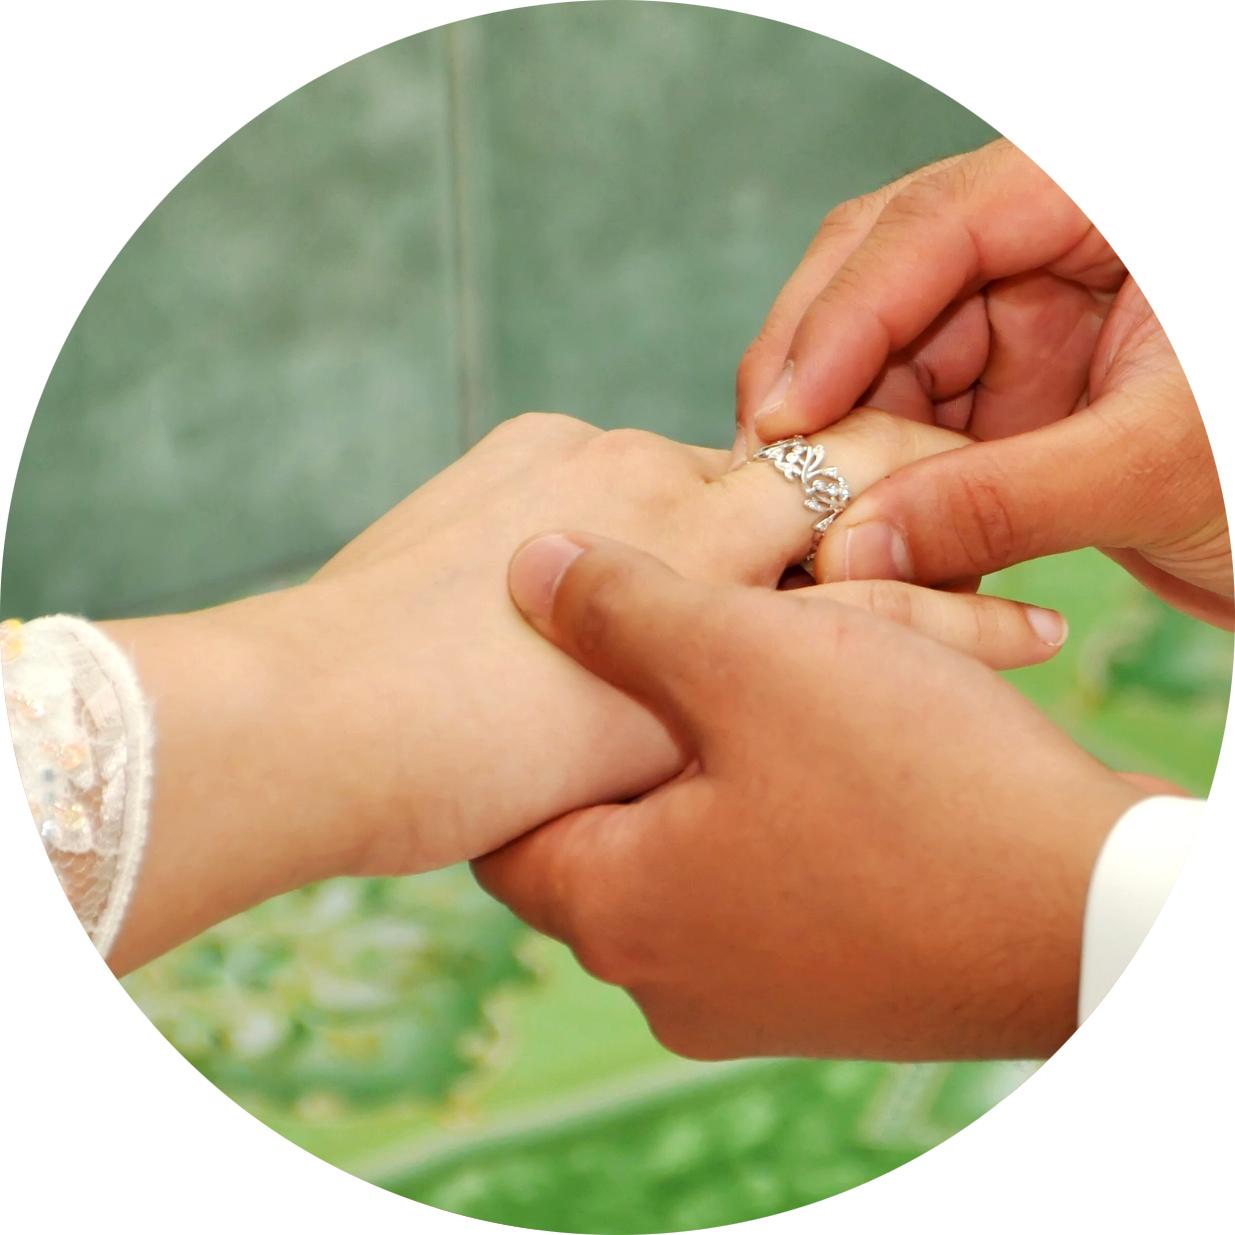 marriage1.jpg